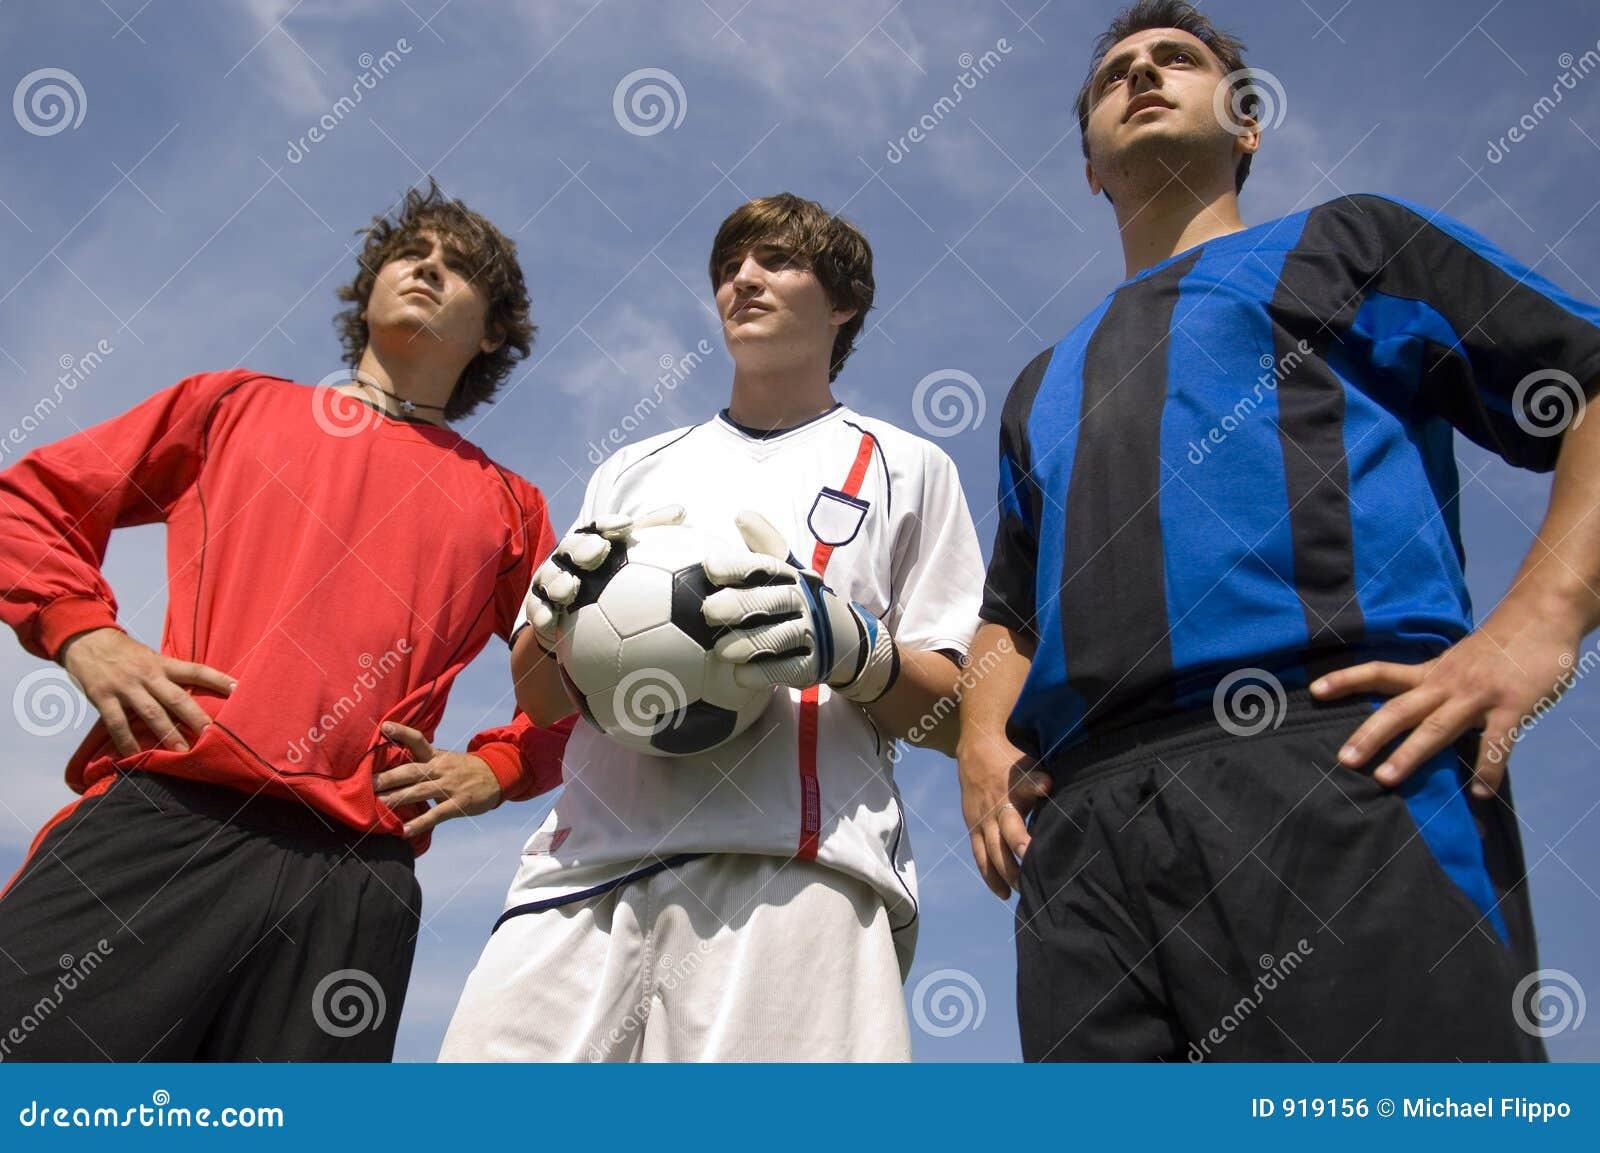 Voetbal - Voetbalsters